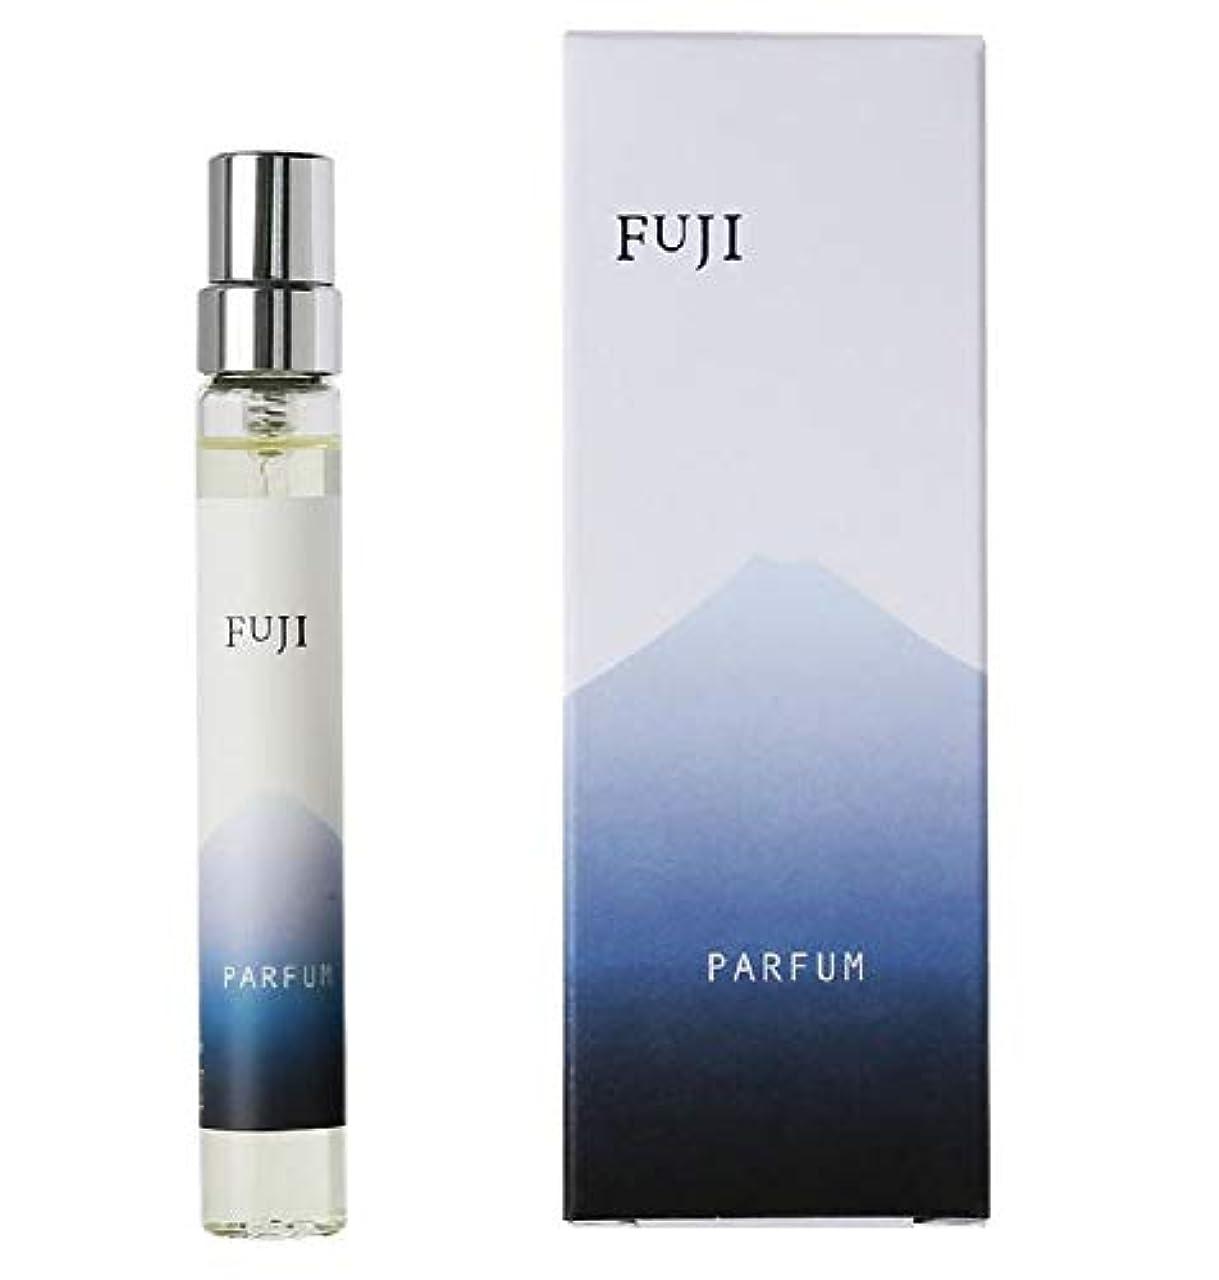 夏ムスタチオ吐き出すパルファム フジ fuji 香水「PARFUM FUJI(パルファム?フジ)」